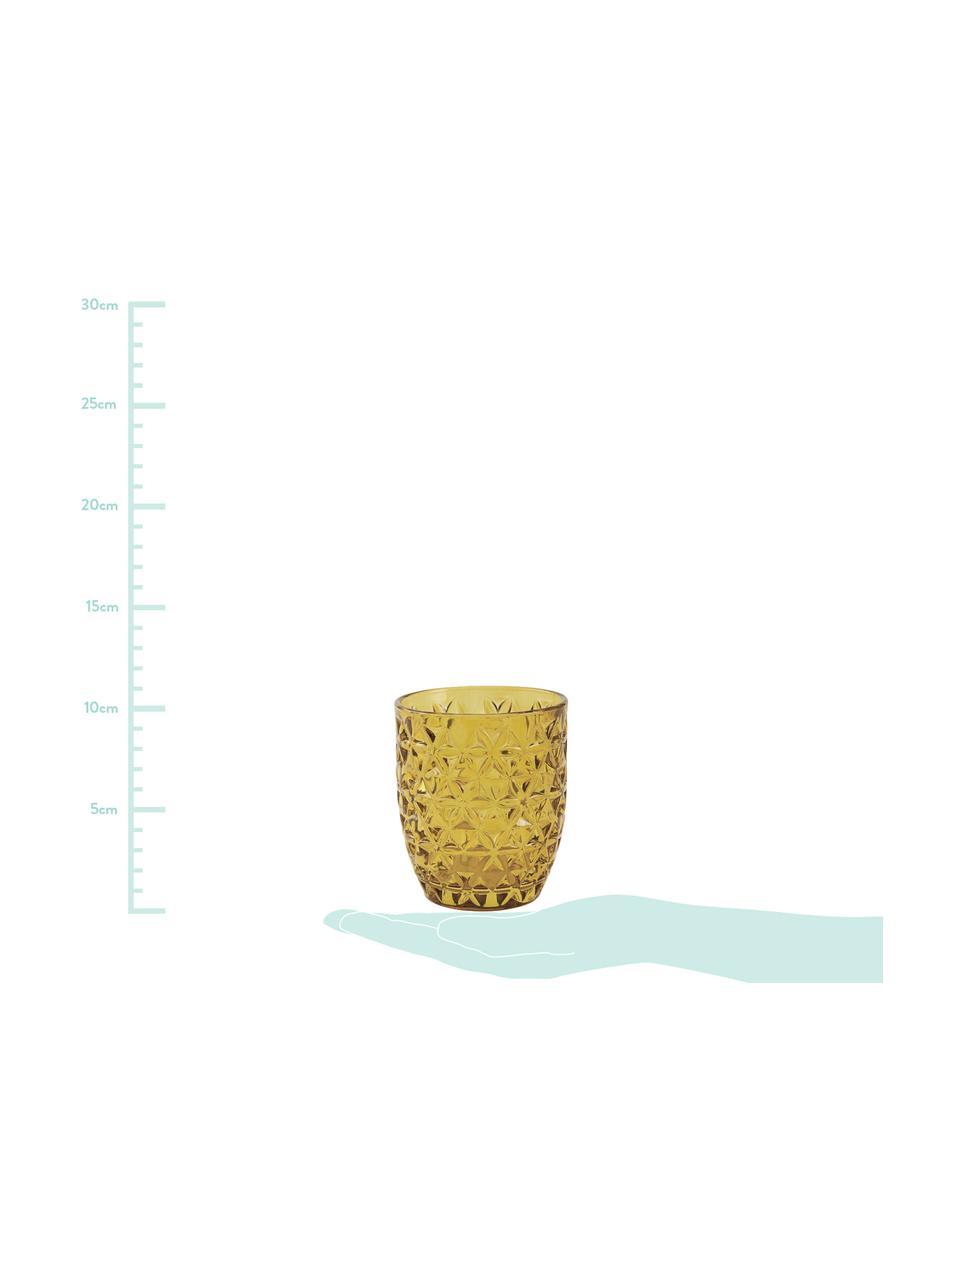 Komplet szklanek do wody Geometrie, 6 elem., Szkło, Niebieski, zielony, szary, blady różowy, żółtozłoty, transparentny, Ø 8 x W 10 cm